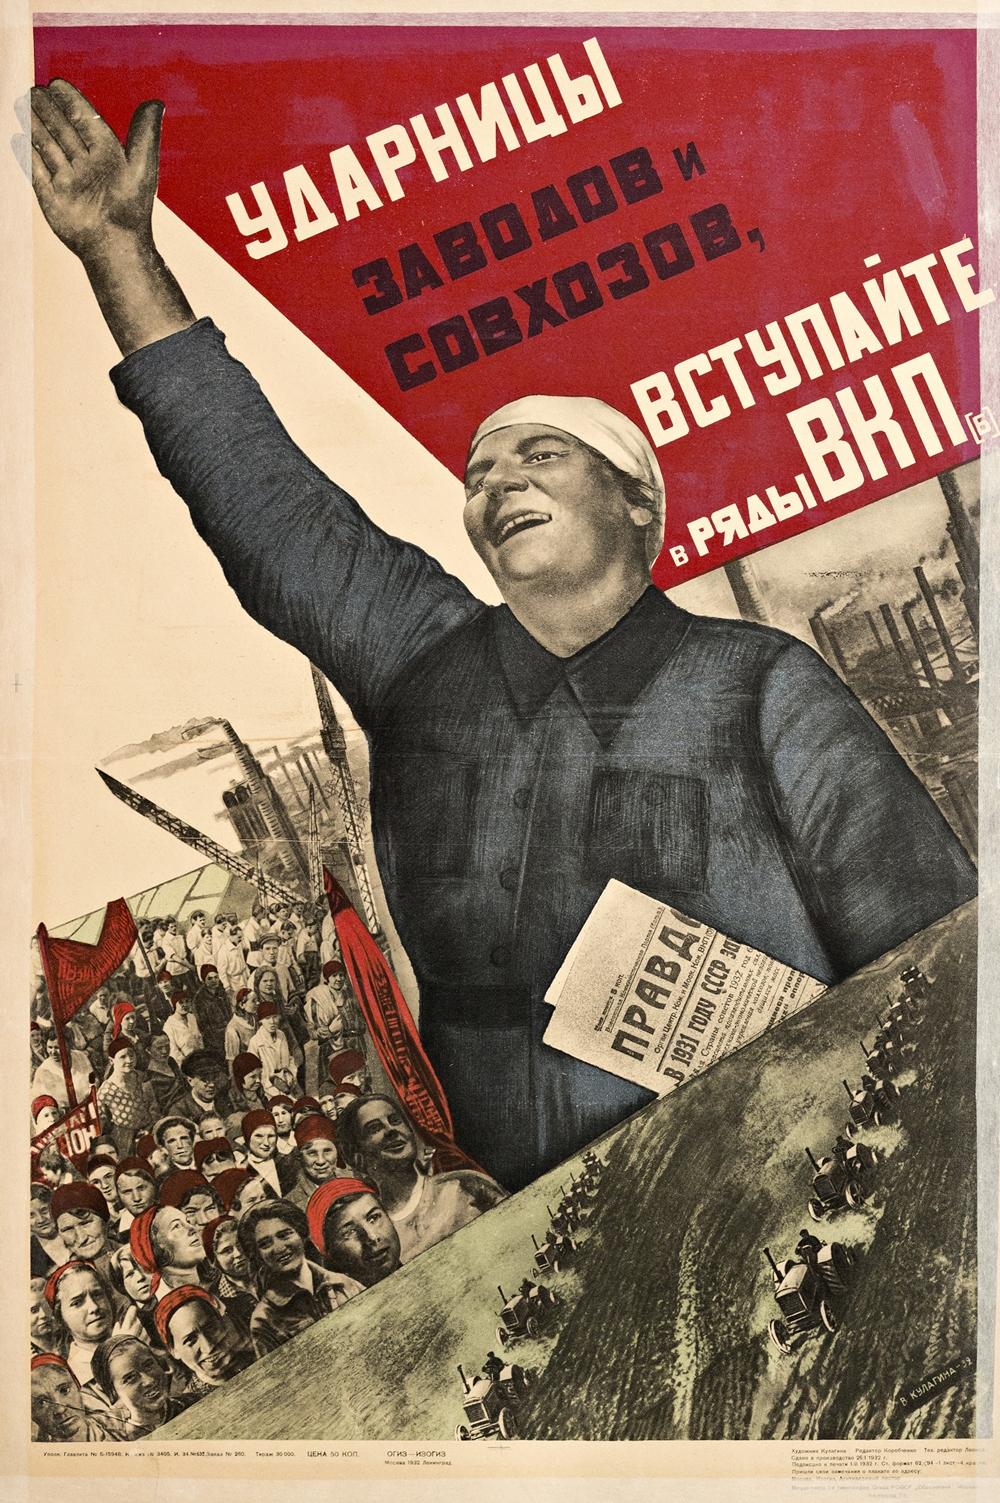 Ударницы заводов и совхозов, вступайте в ряды ВКП(б) Автор: В. Кулагина Год: 1932